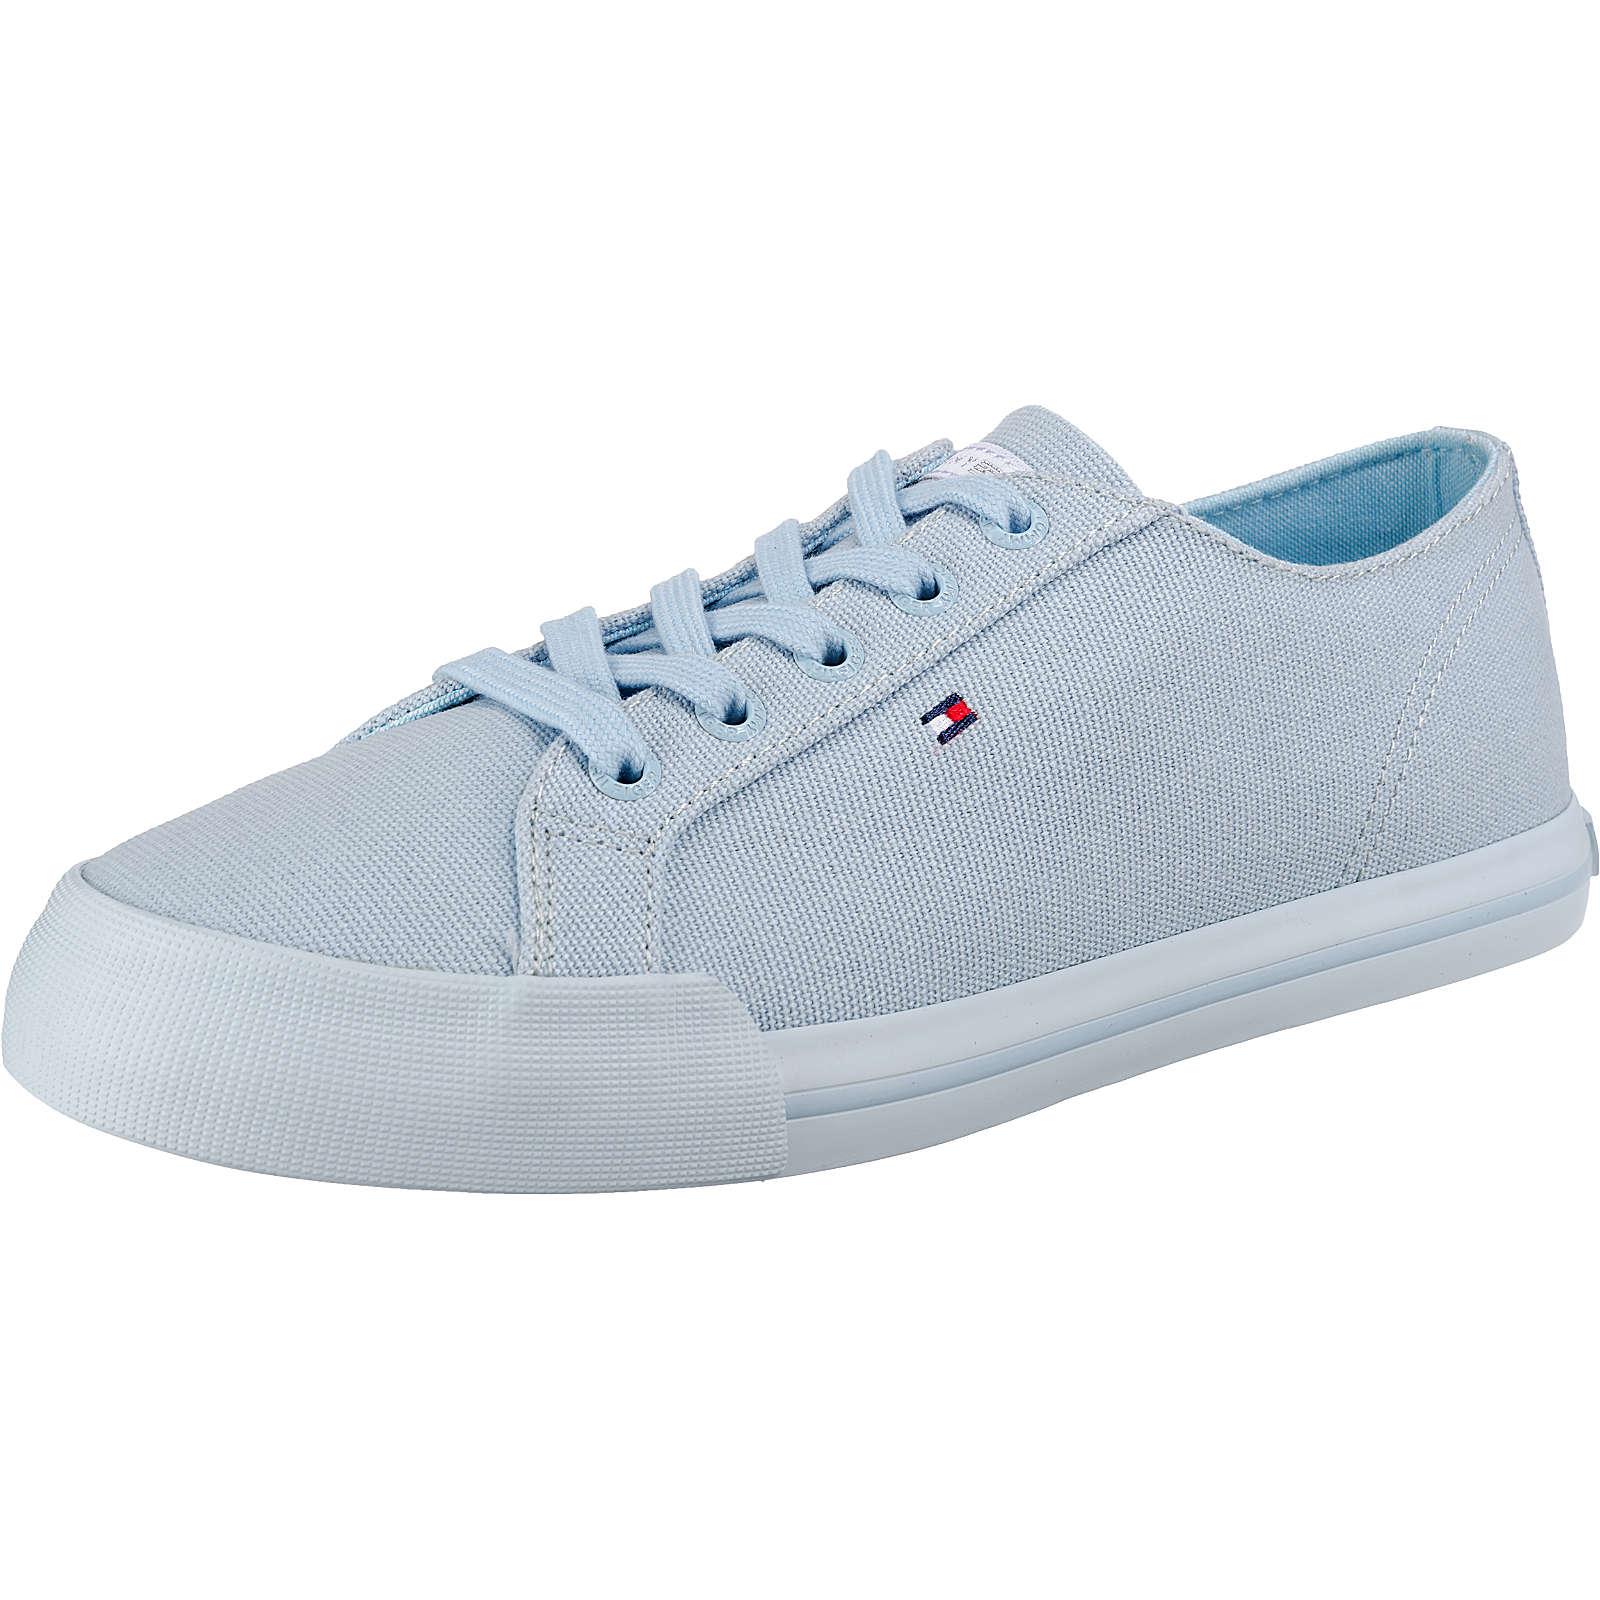 TOMMY HILFIGER Sneakers Low blau Damen Gr. 36